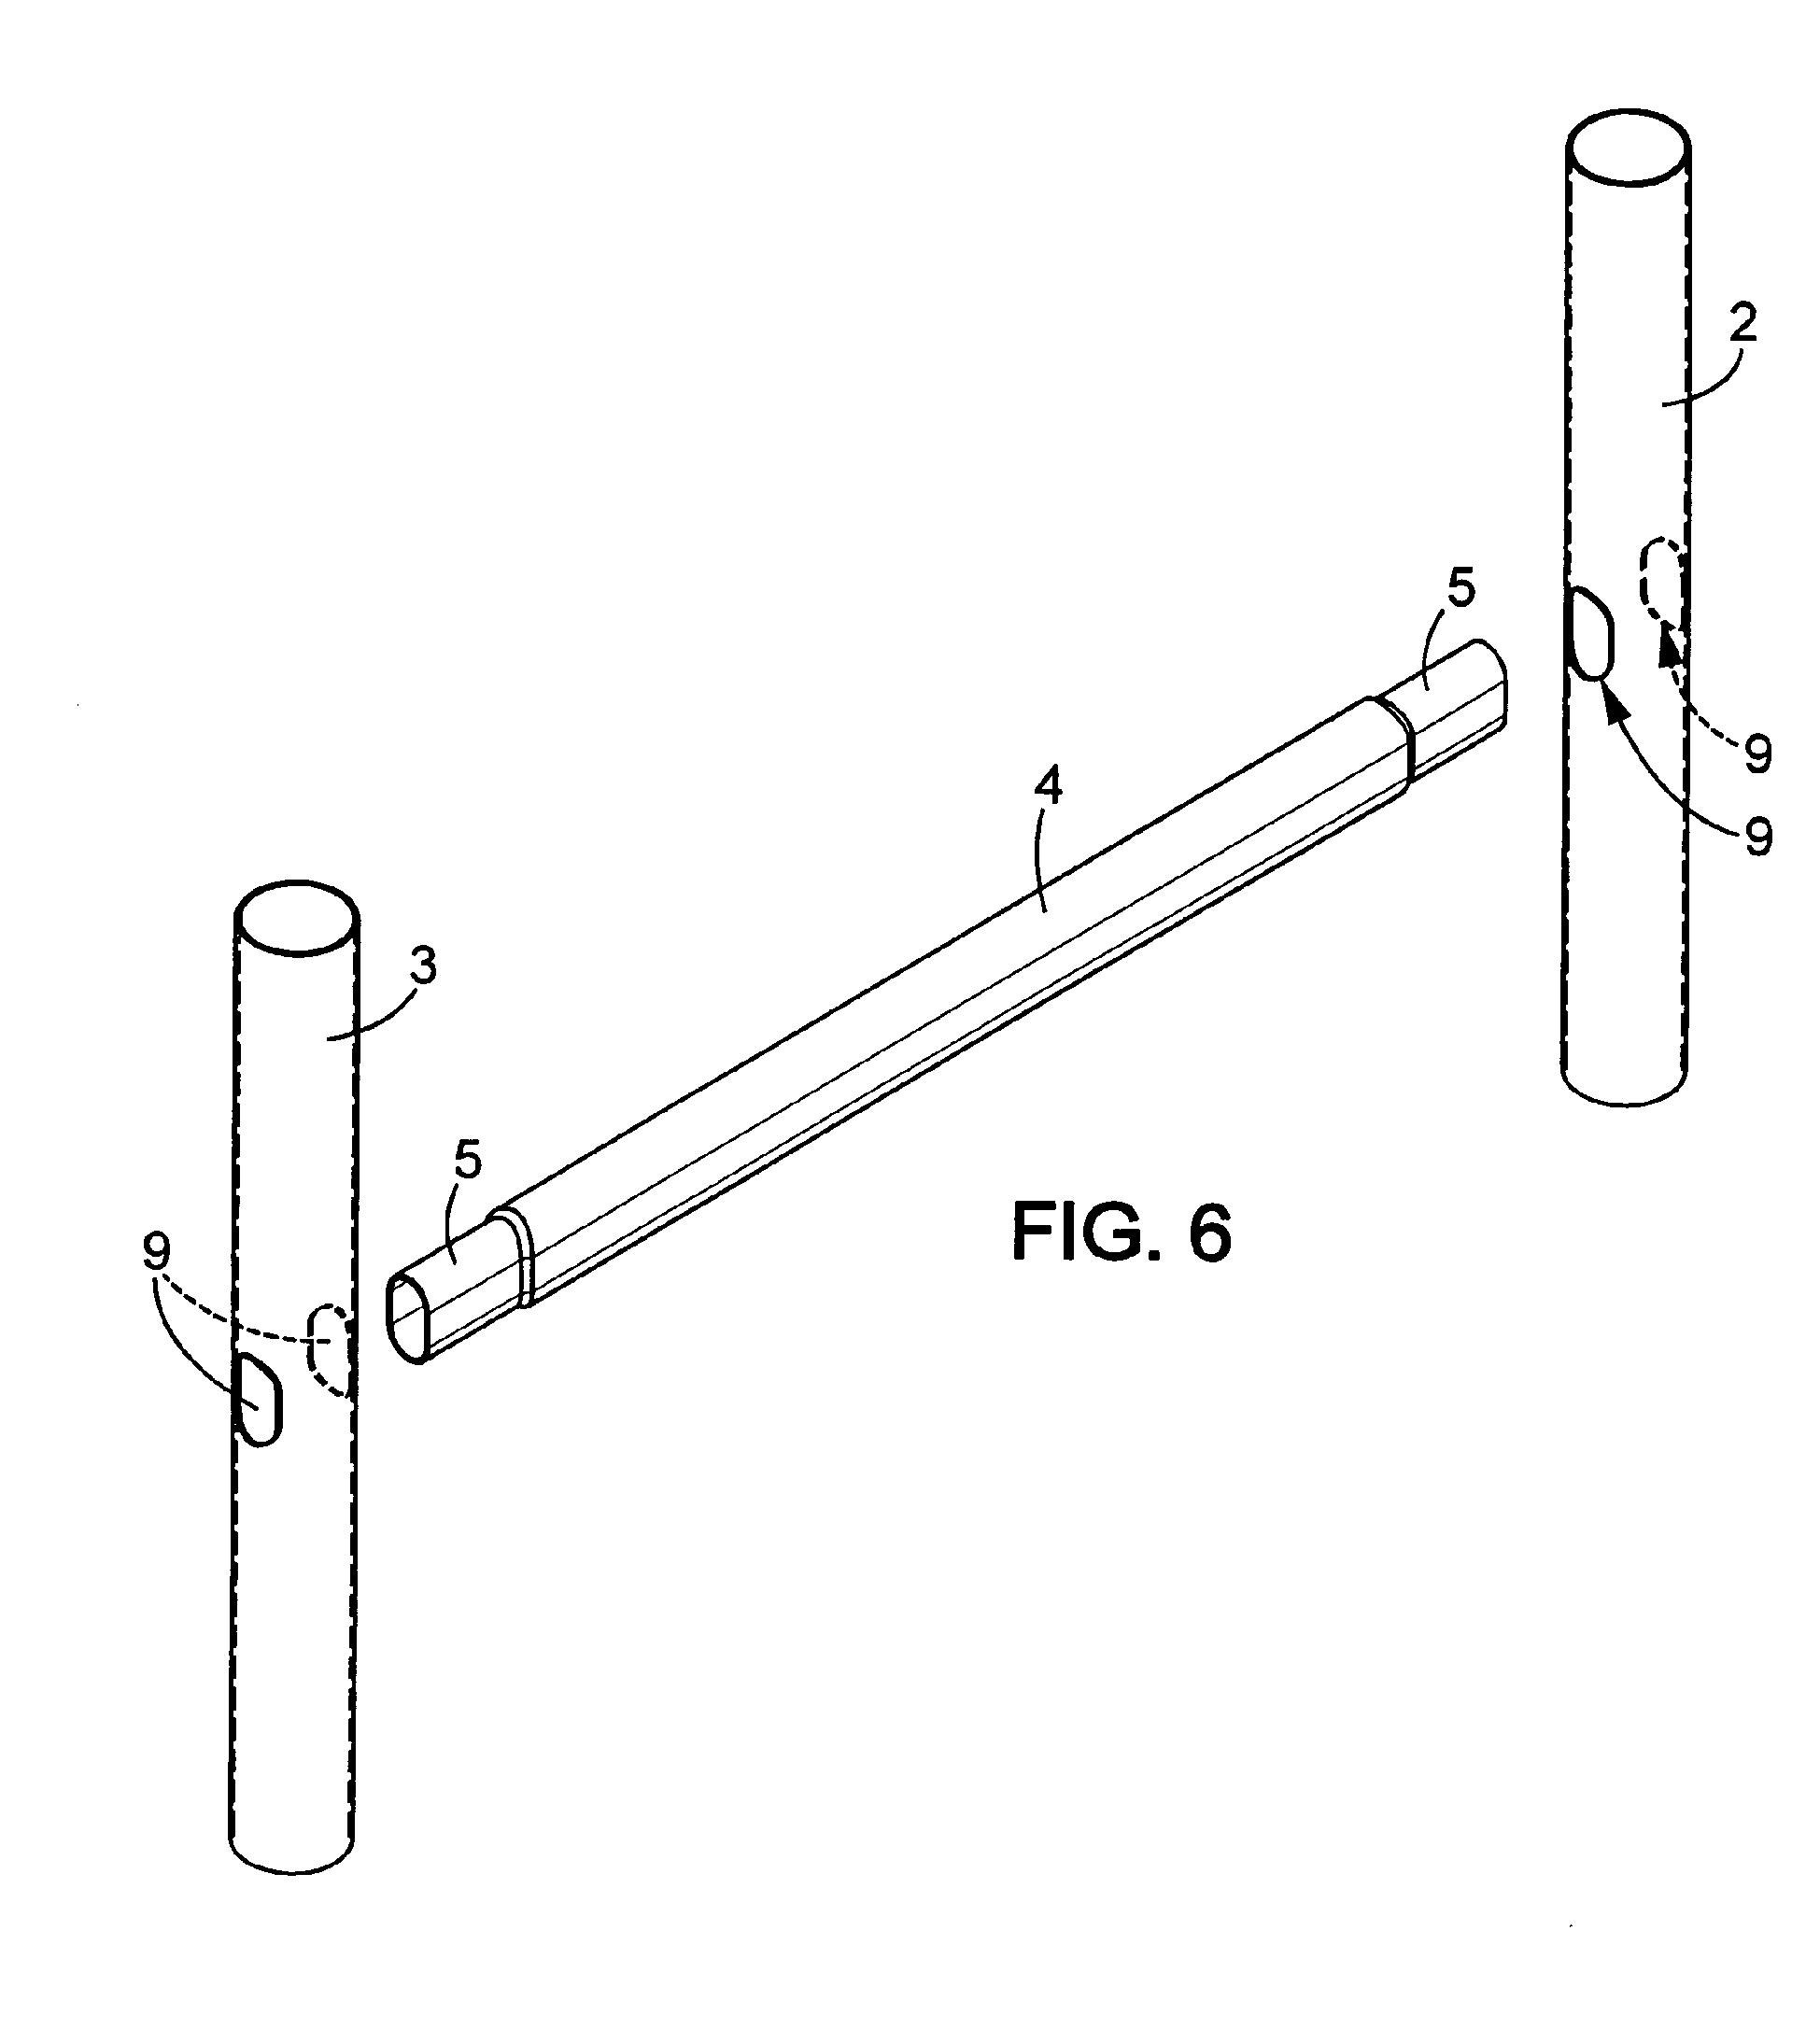 patent ep1762694a2 echelle m tallique et proc d de fabrication d 39 une telle chelle google. Black Bedroom Furniture Sets. Home Design Ideas